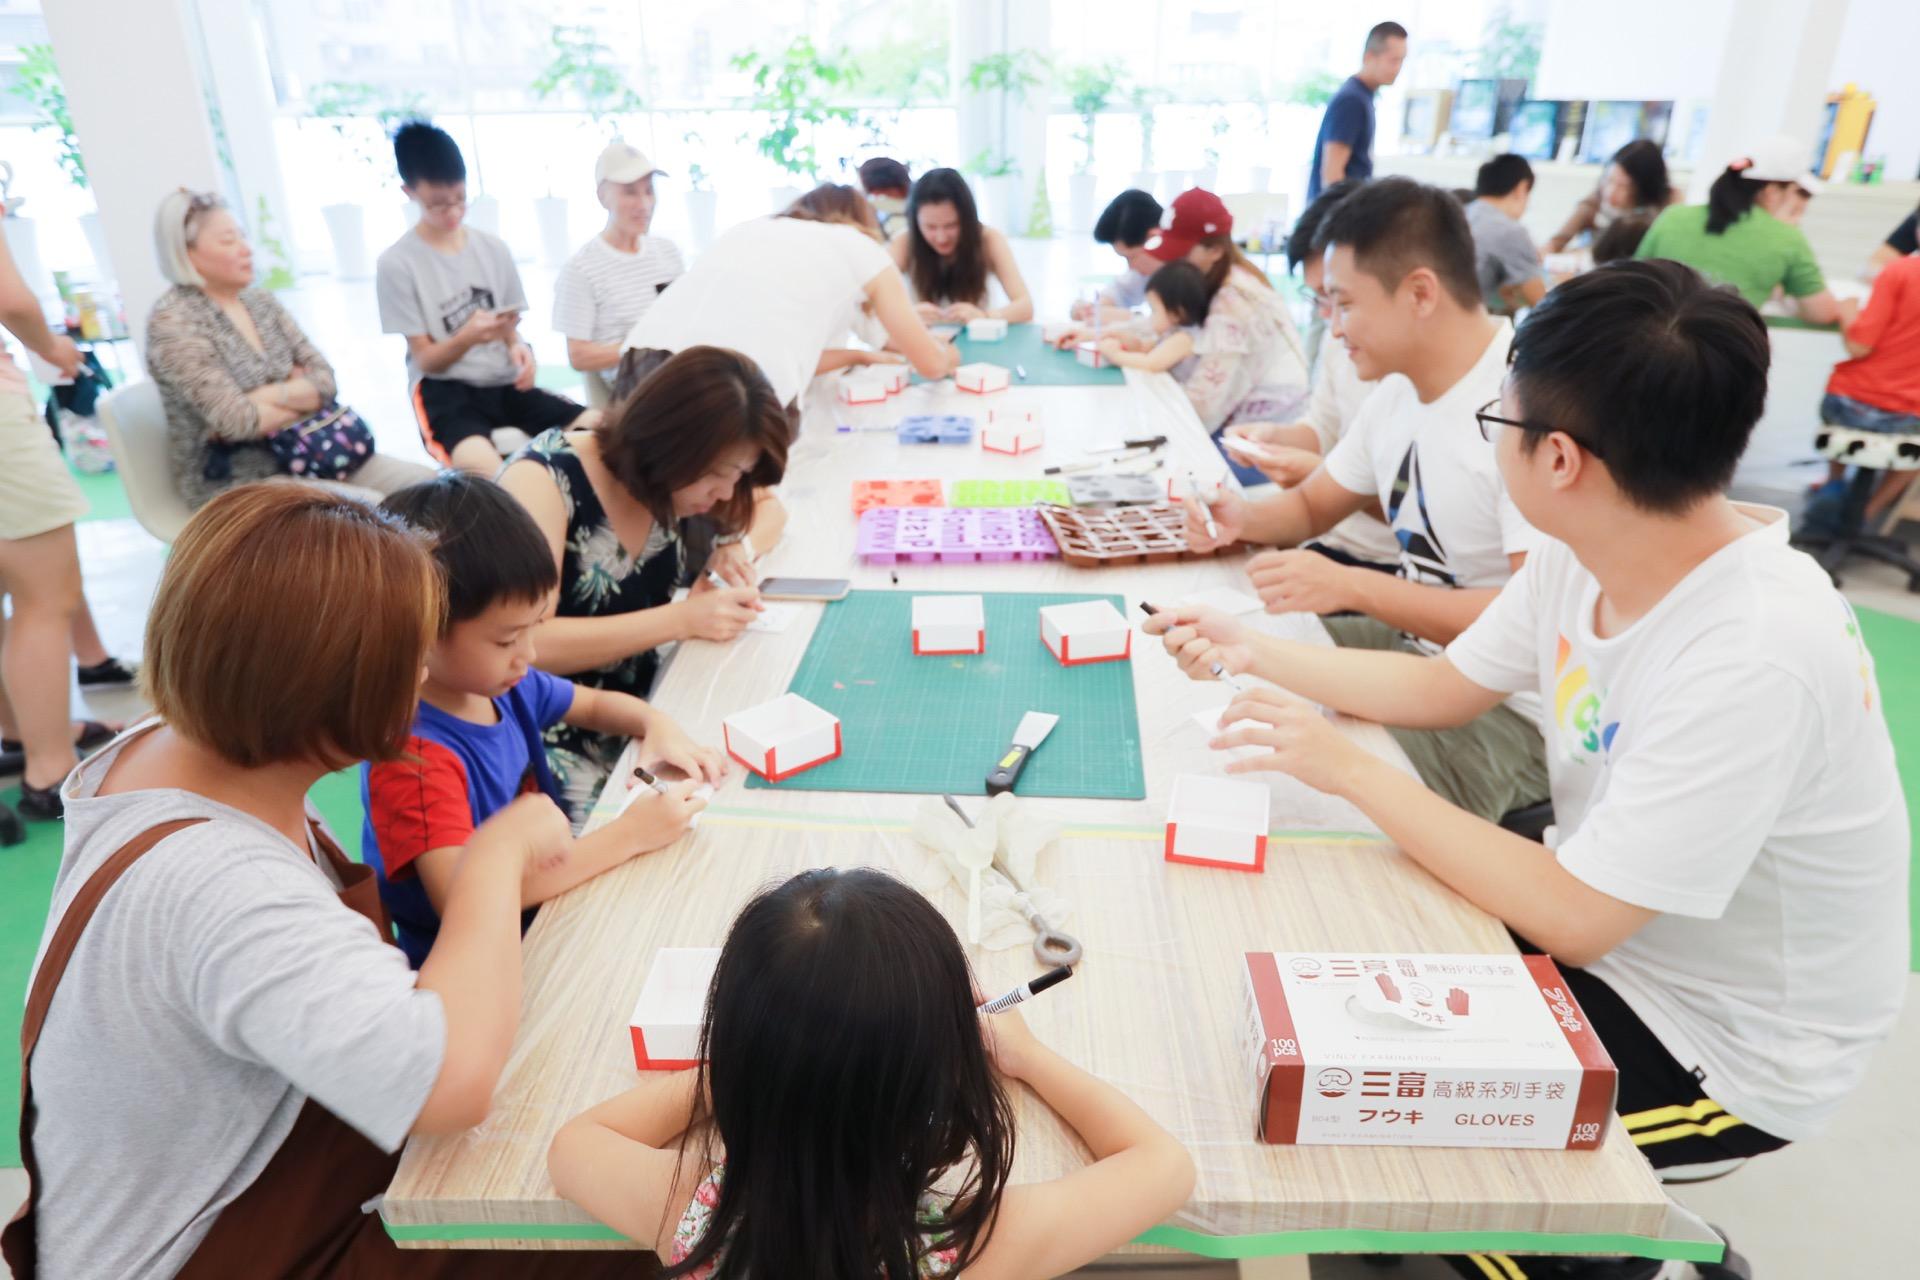 德築-DEZU-project-Zutian-activity-concrete-create-8